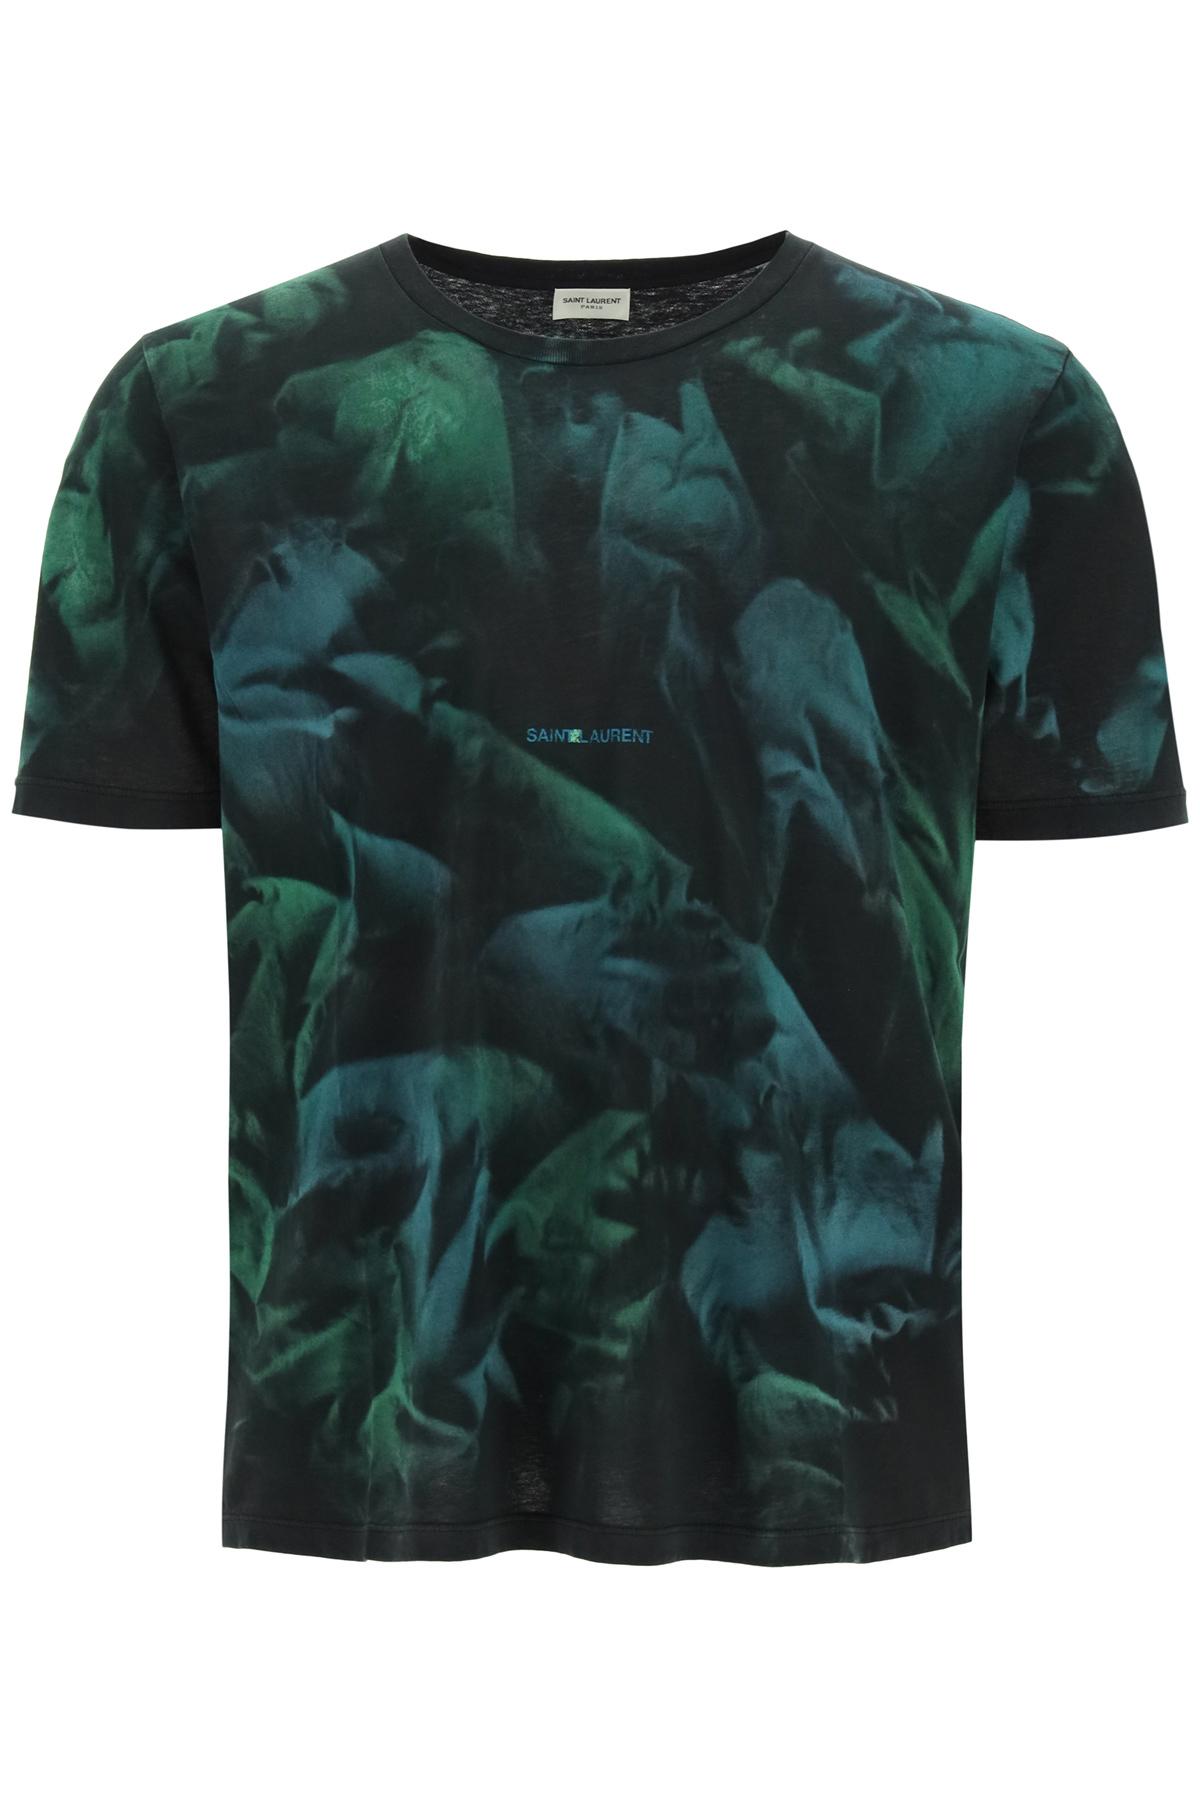 SAINT LAURENT CLASSIC TIE-DYE T-SHIRT L Black, Green, Blue Cotton